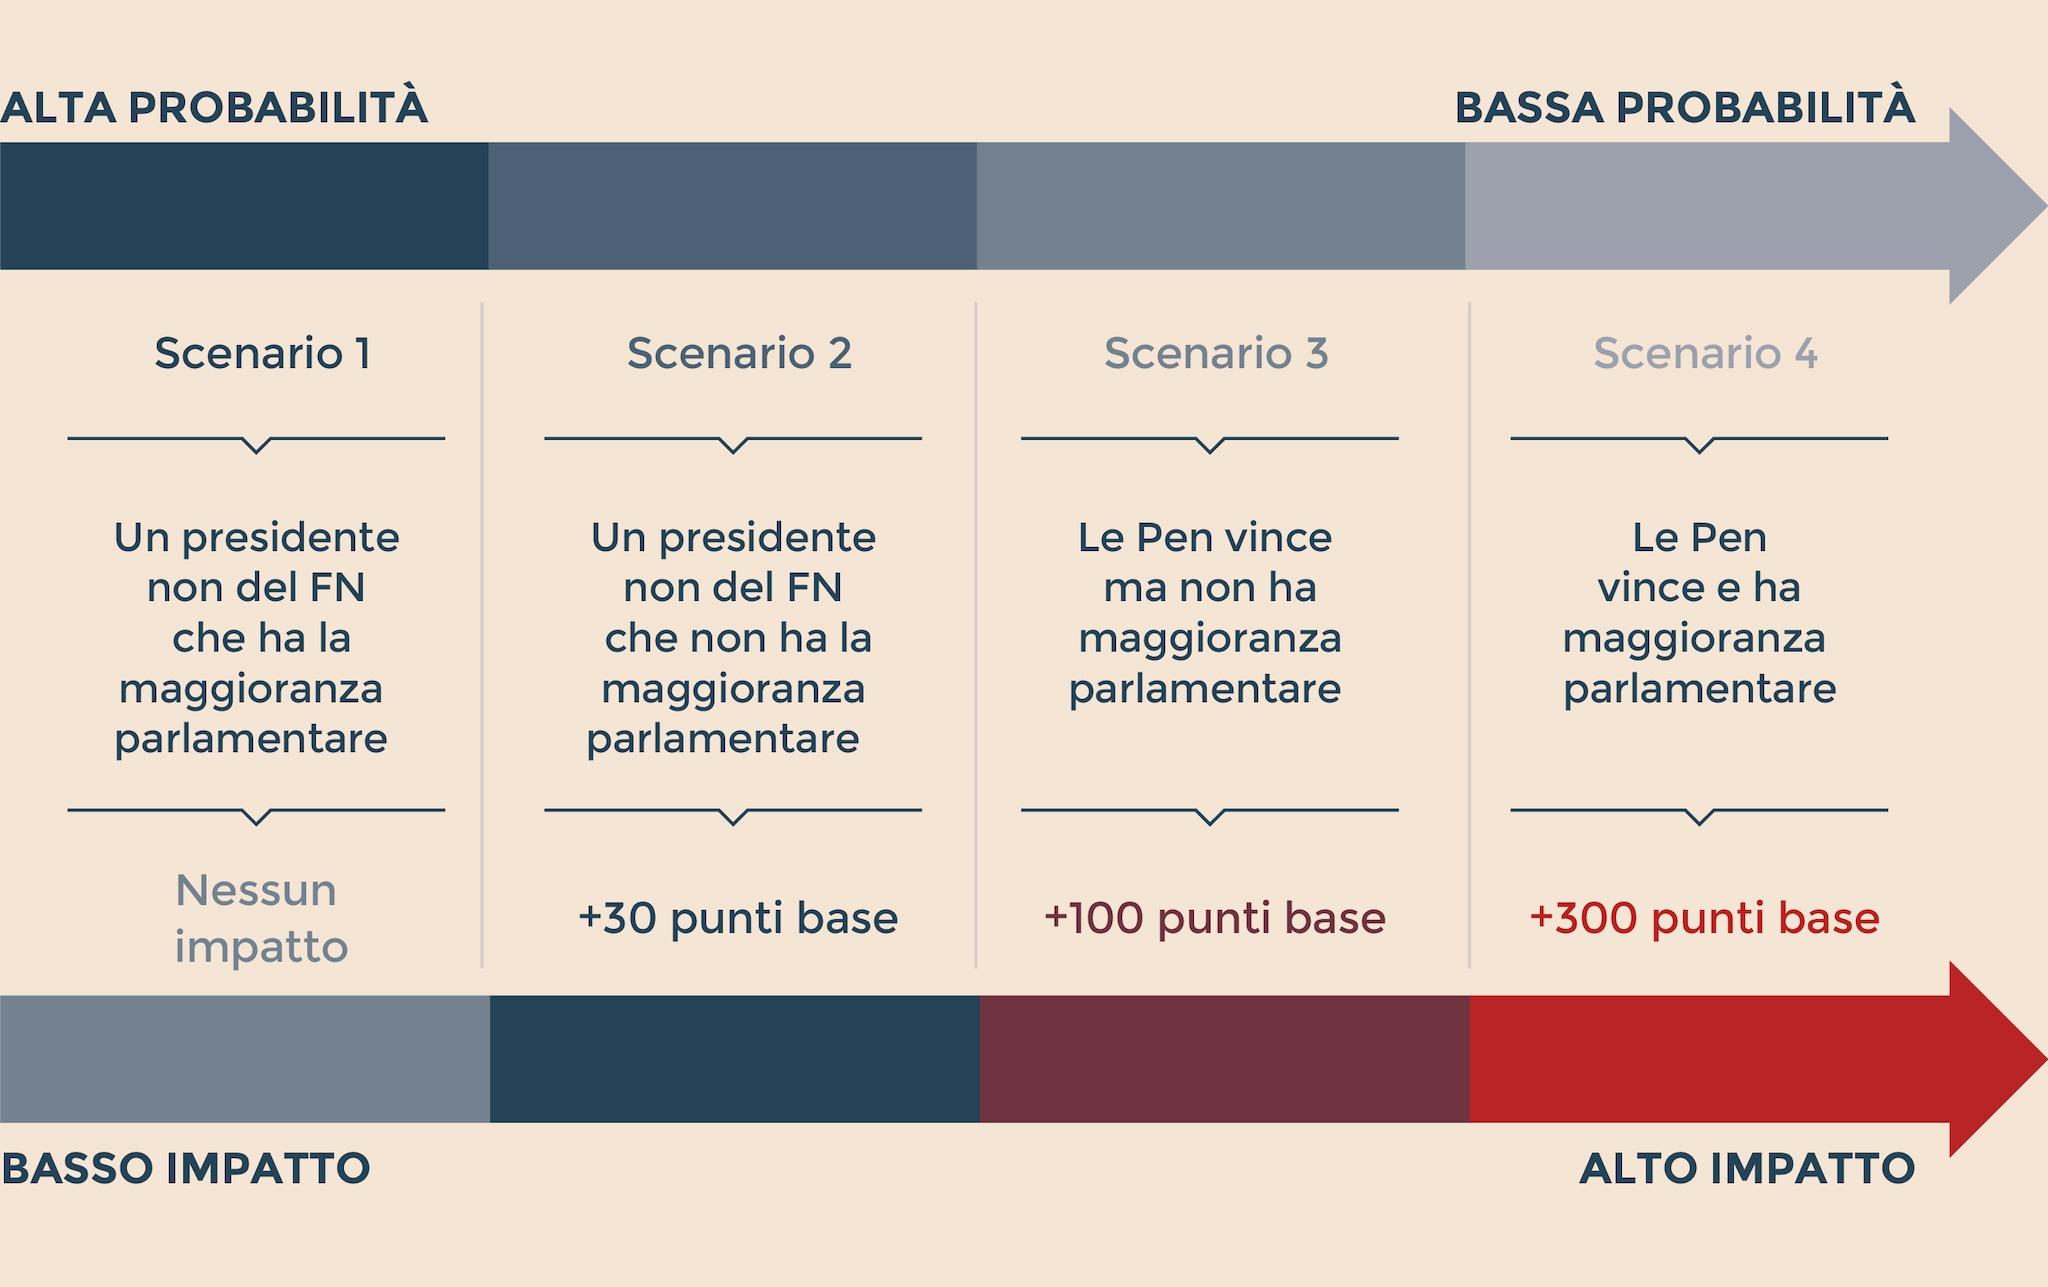 GLI SCENARI POLITICI FRANCESI E L'IMPATTO SULLO SPREAD